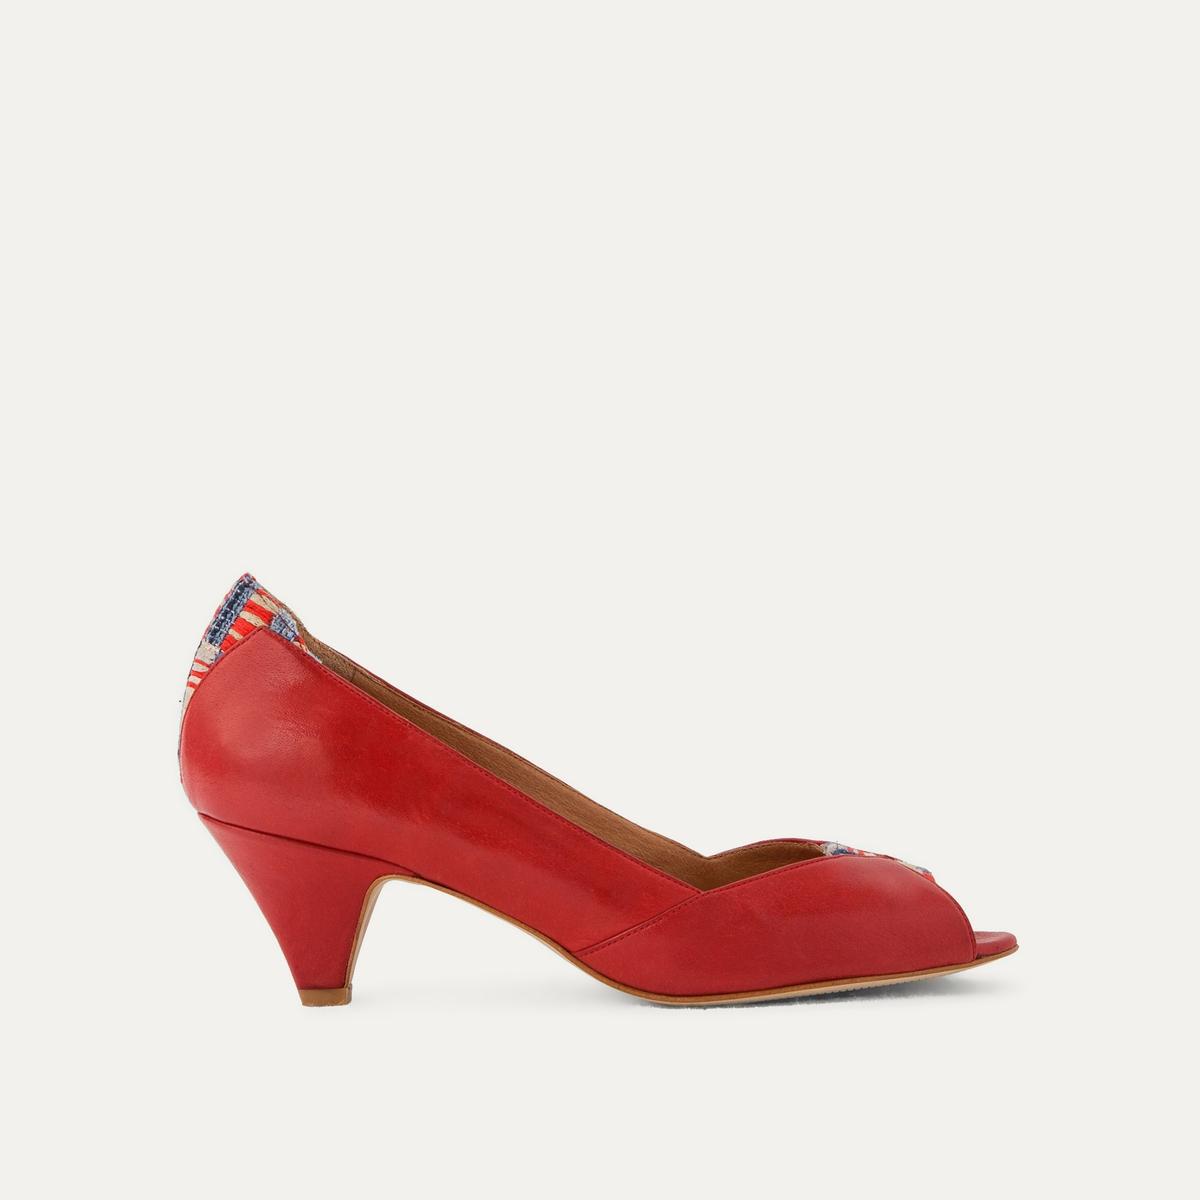 Туфли кожаныеДетали  •  Широкий каблук •  Застежка : без застежки •  Открытый мысок •  Гладкая отделкаСостав и уход  •  Верх 90% кожи, 10% текстиля<br><br>Цвет: красный<br>Размер: 41.40.37